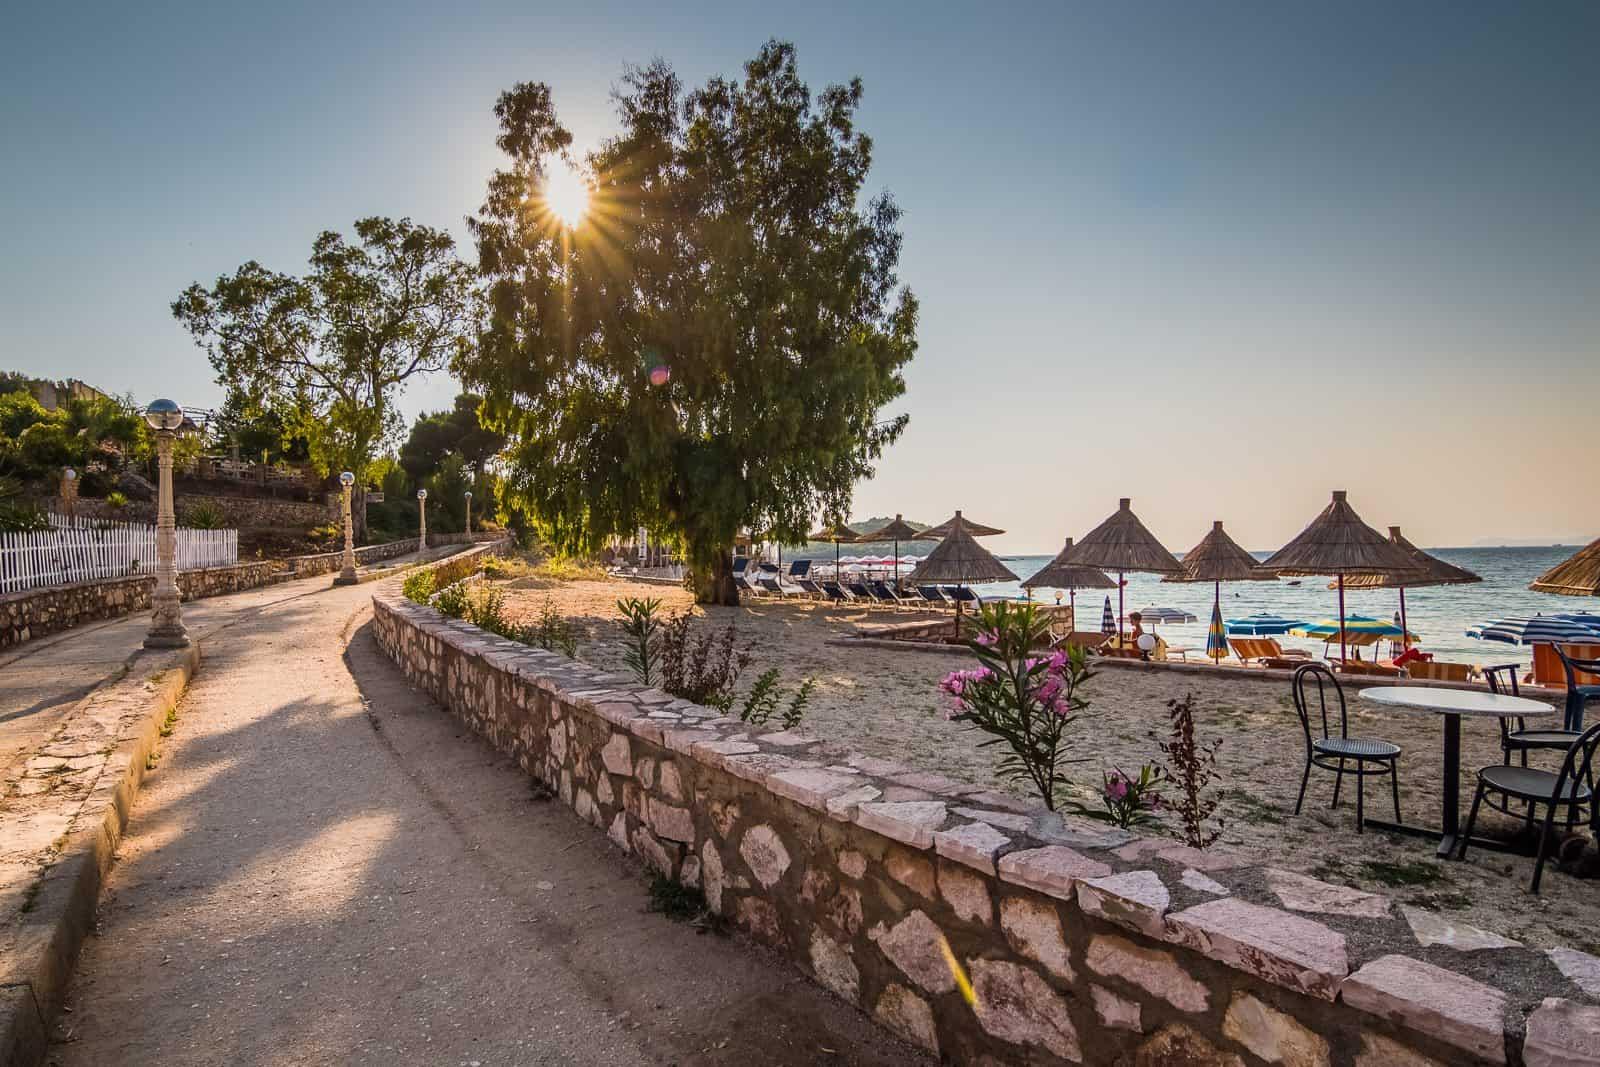 Boardwalk in Ksamil, Albania.